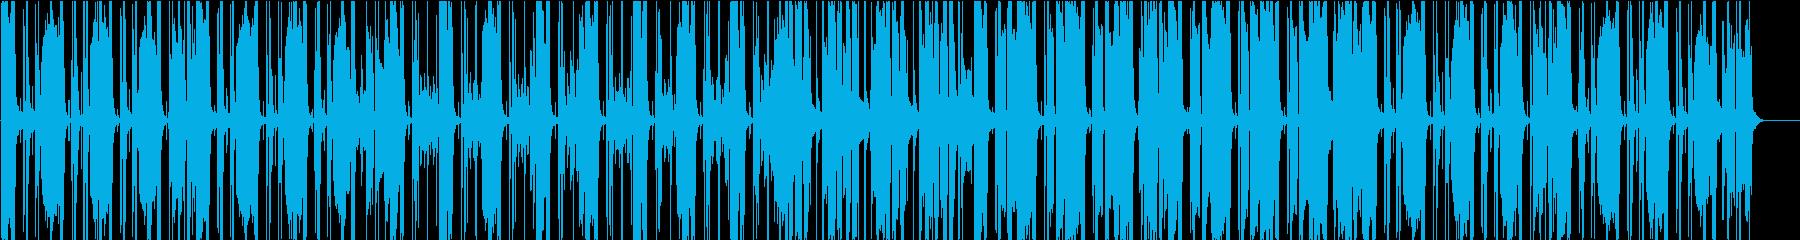 だるっとしたファンクの再生済みの波形